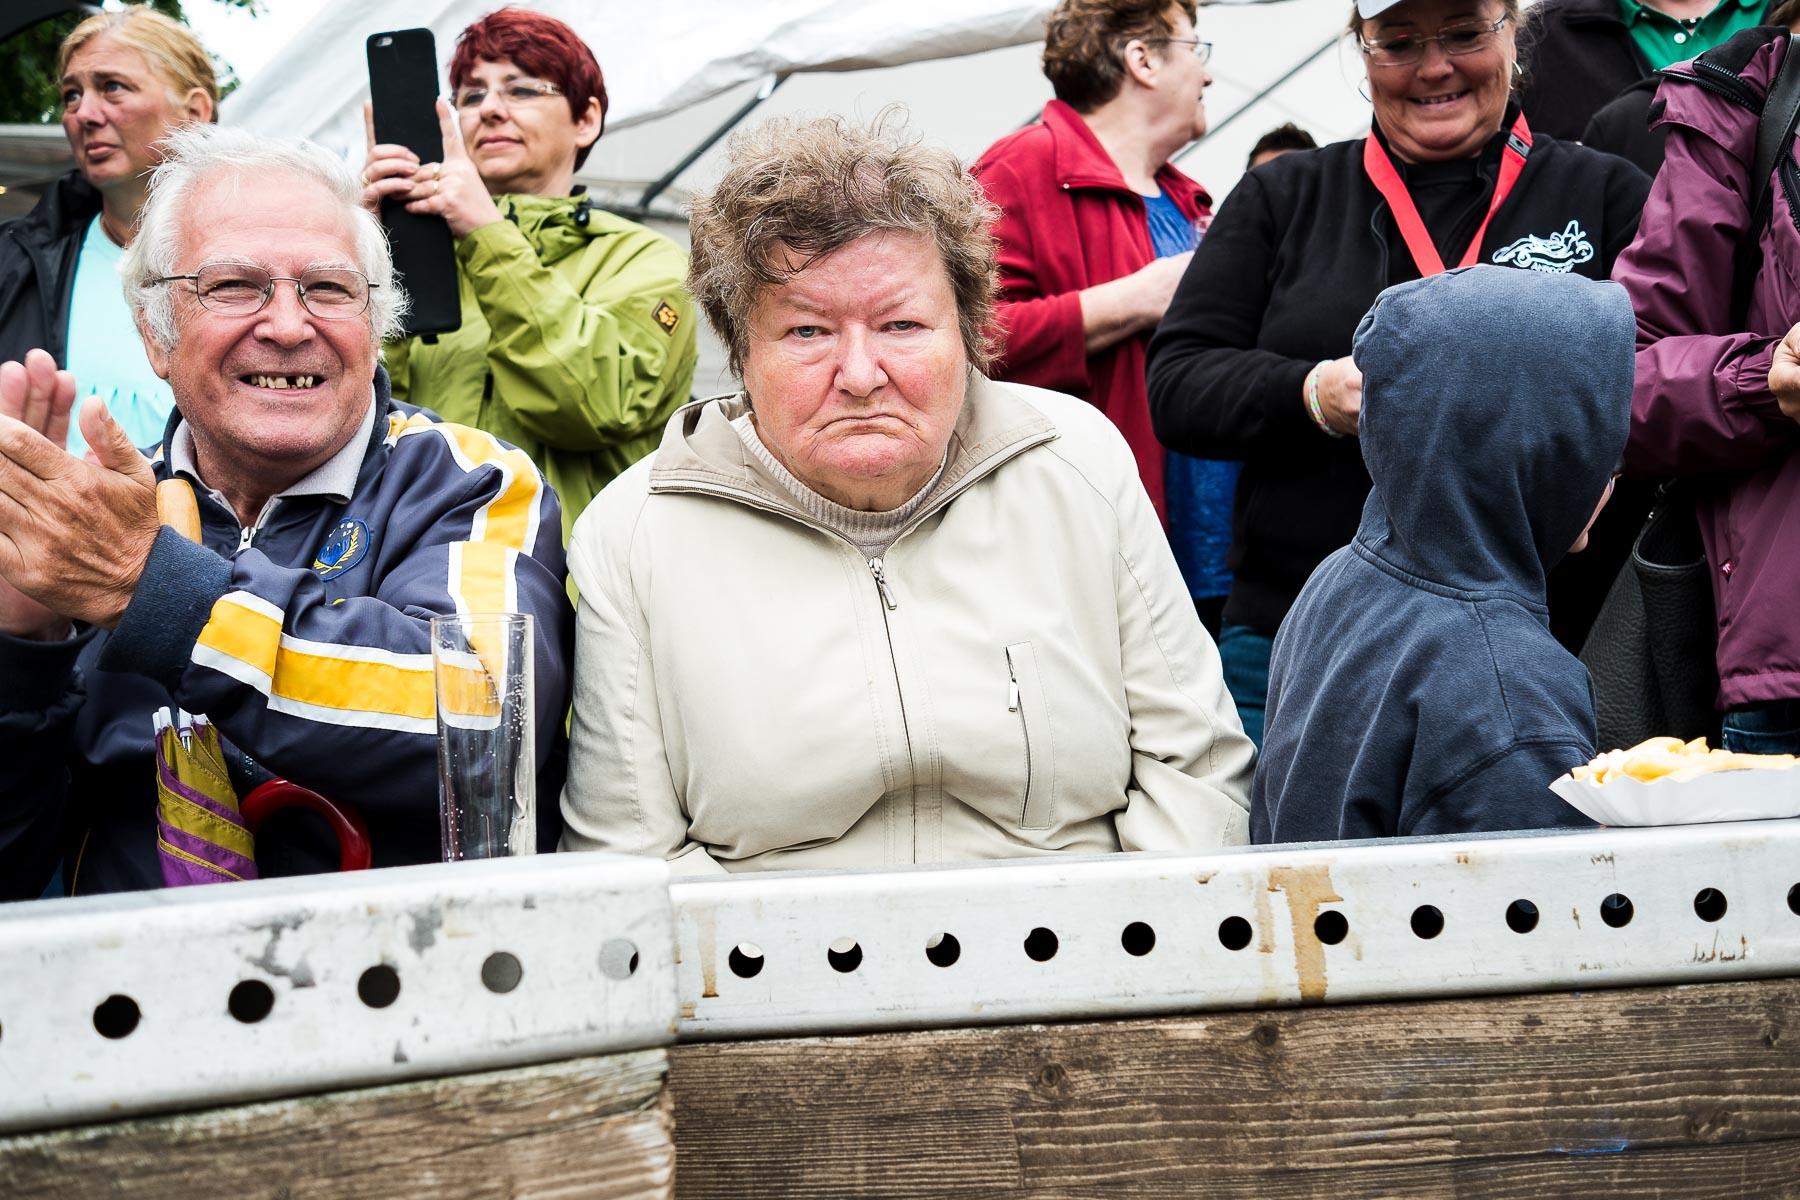 16.08.15-Seifenkistenrennen in Ahrdorf, Eifel